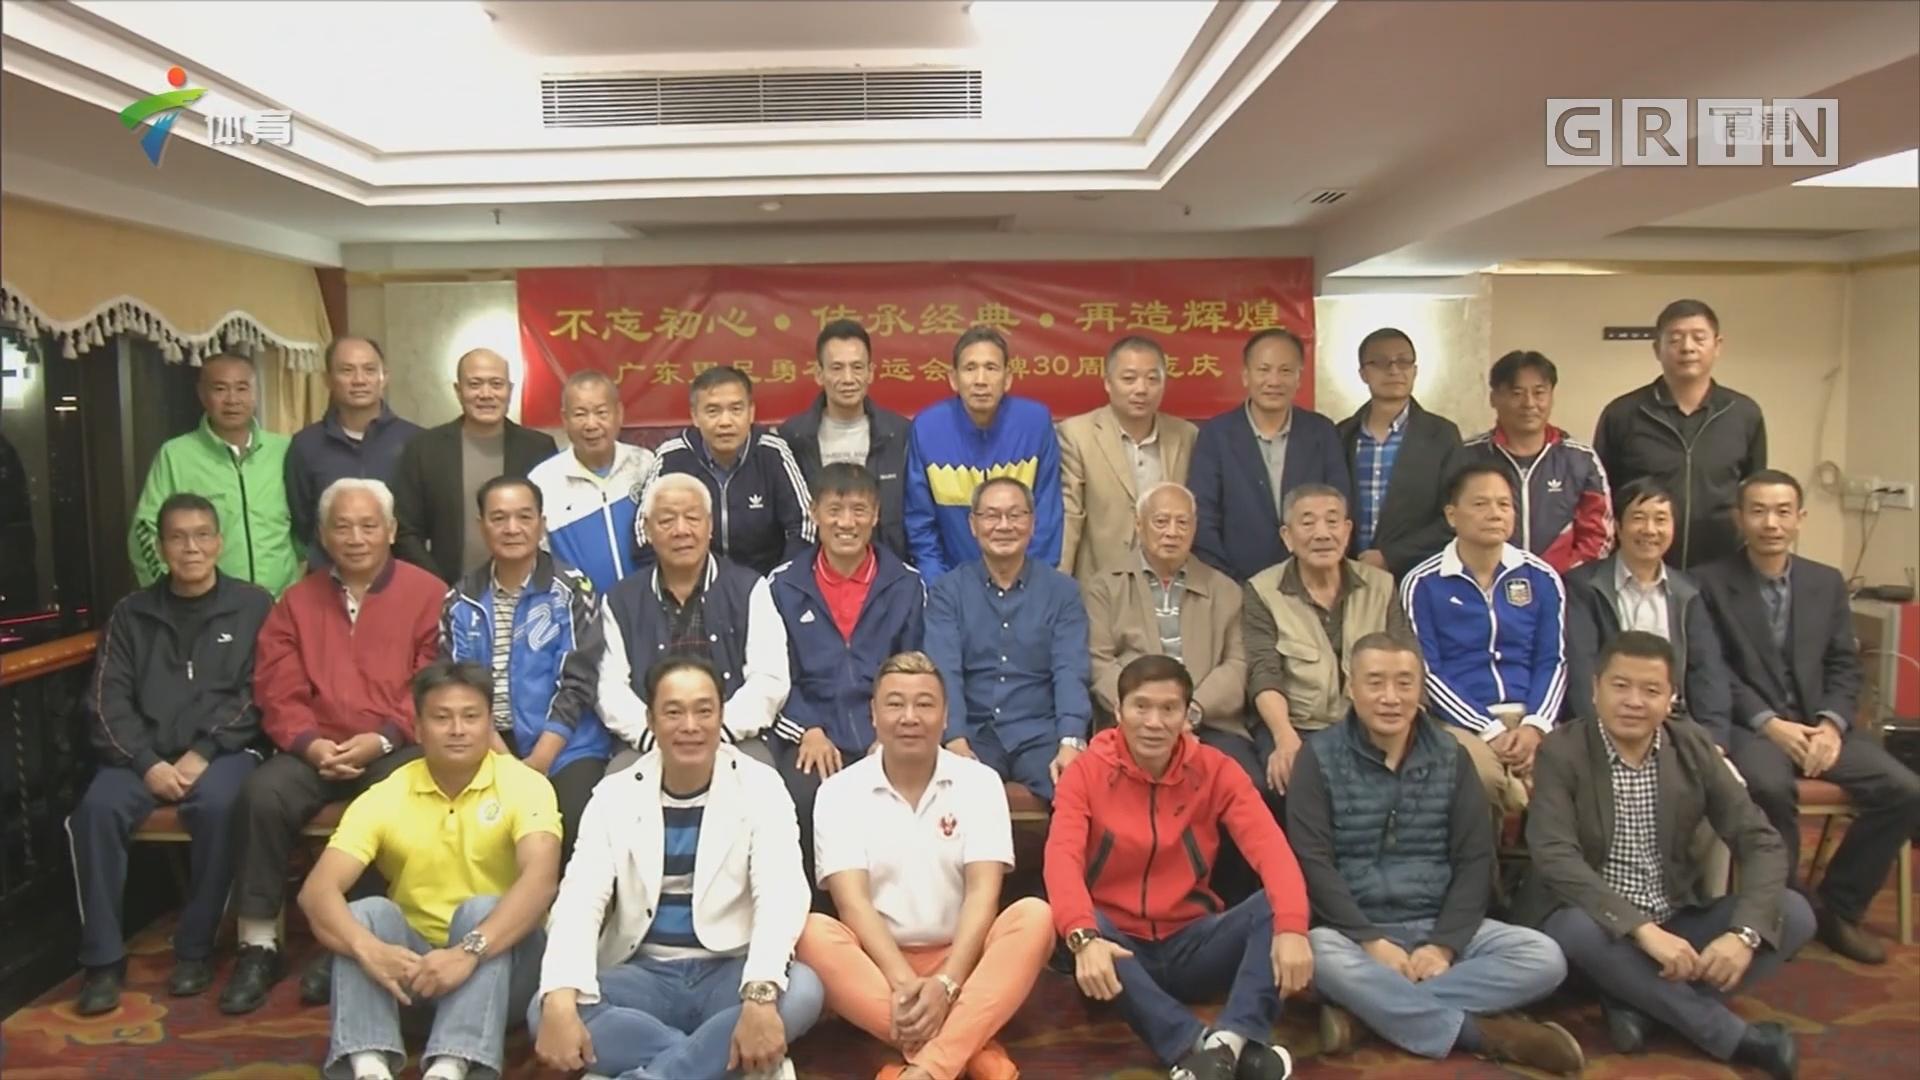 30年后重聚首 愿广东足球再创辉煌